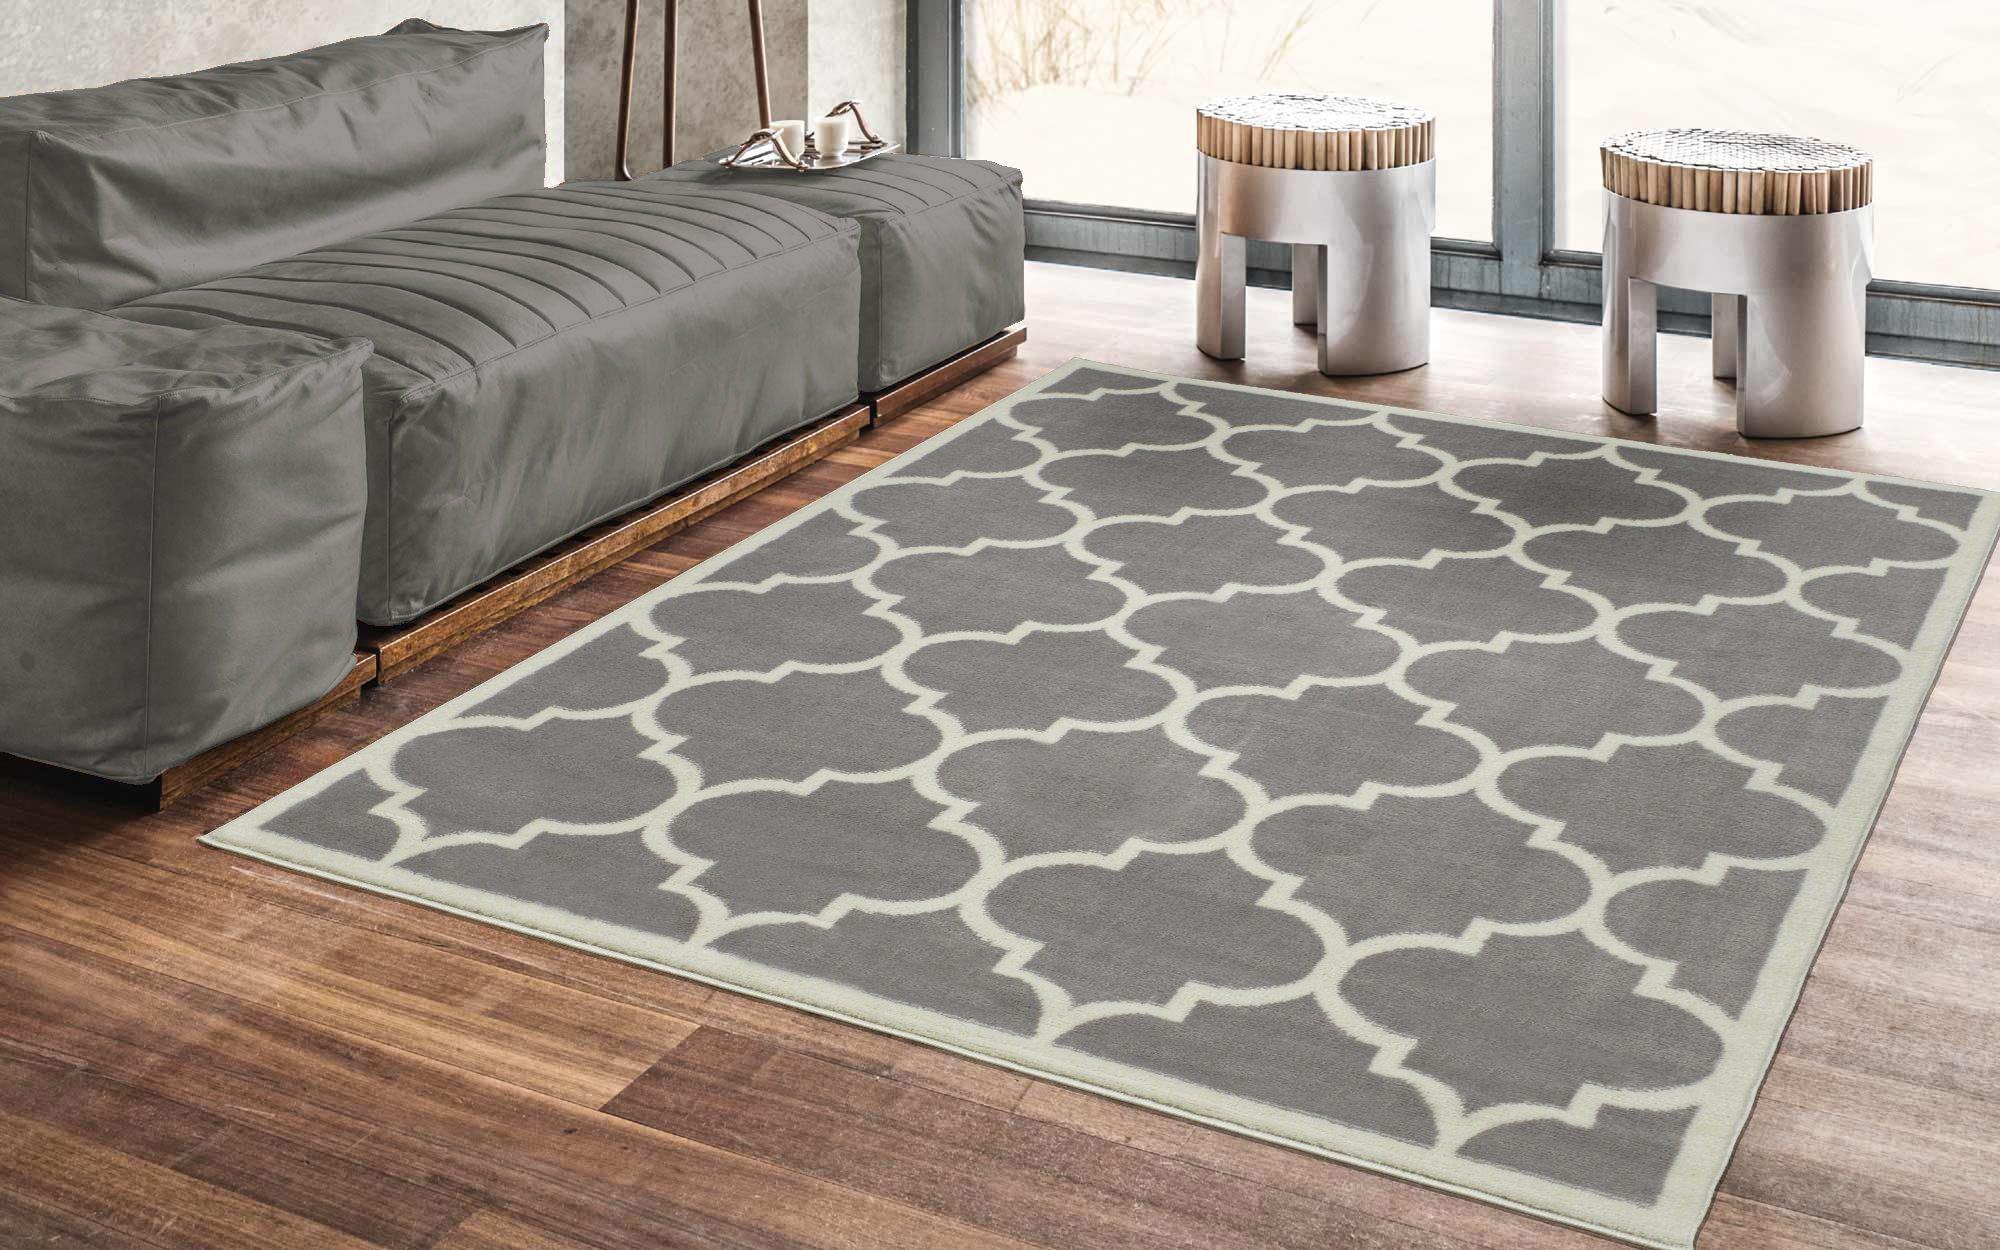 Ottomanson Paterson Collection Grey Contemporary Moroccan Trellis Design (5'x7') Lattice Area Rug